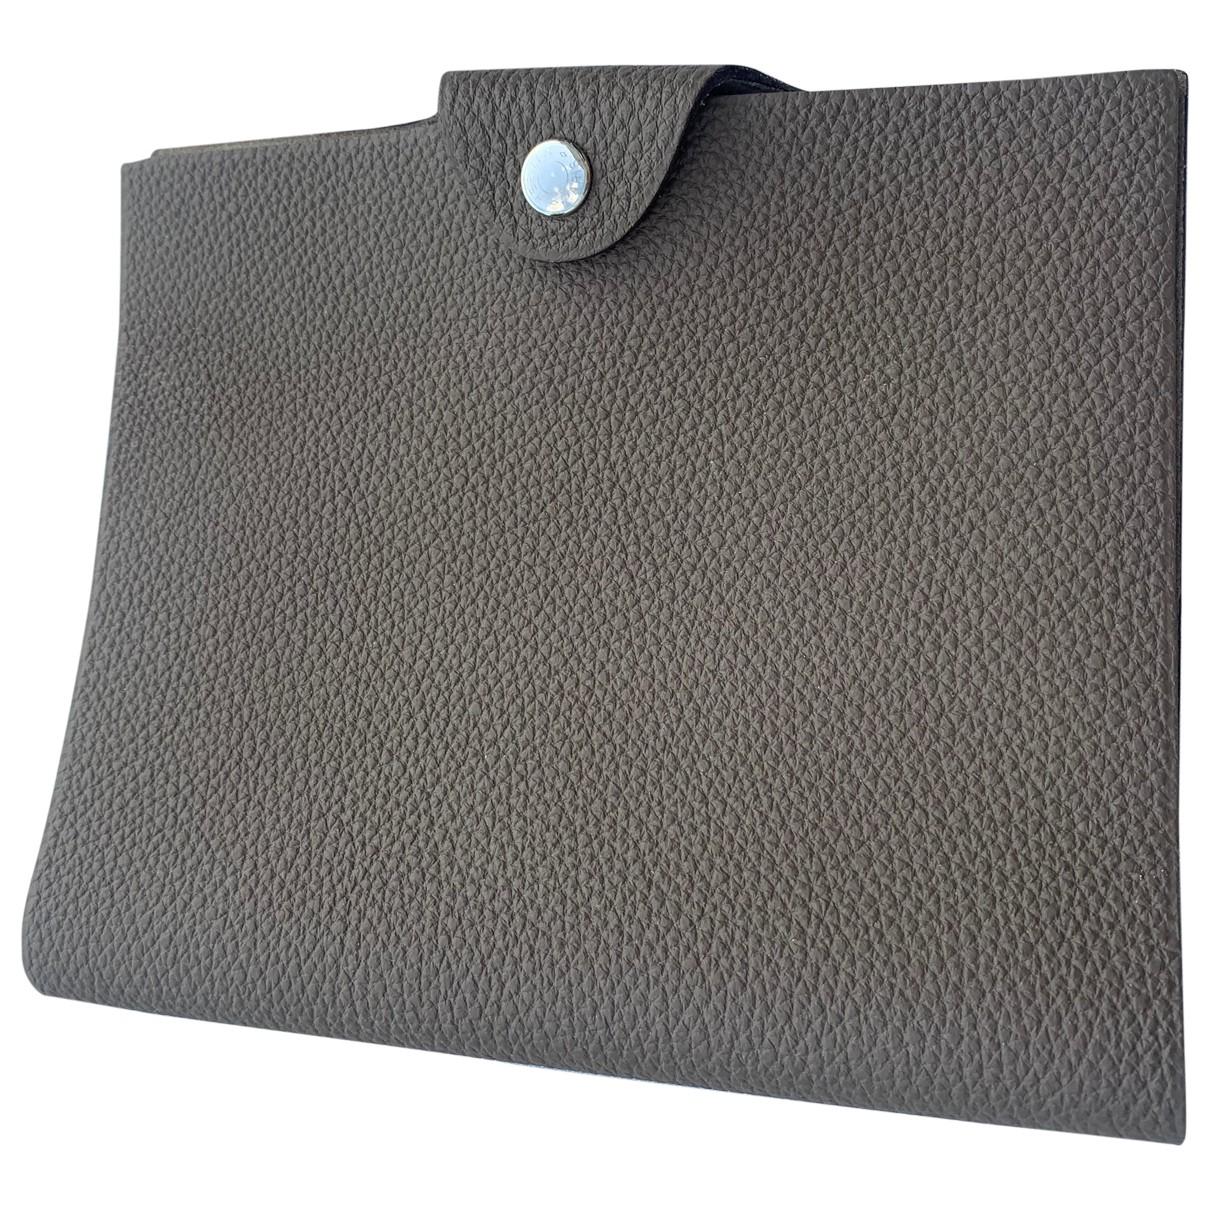 Hermès Ulysse MM Leather Home decor for Life & Living \N